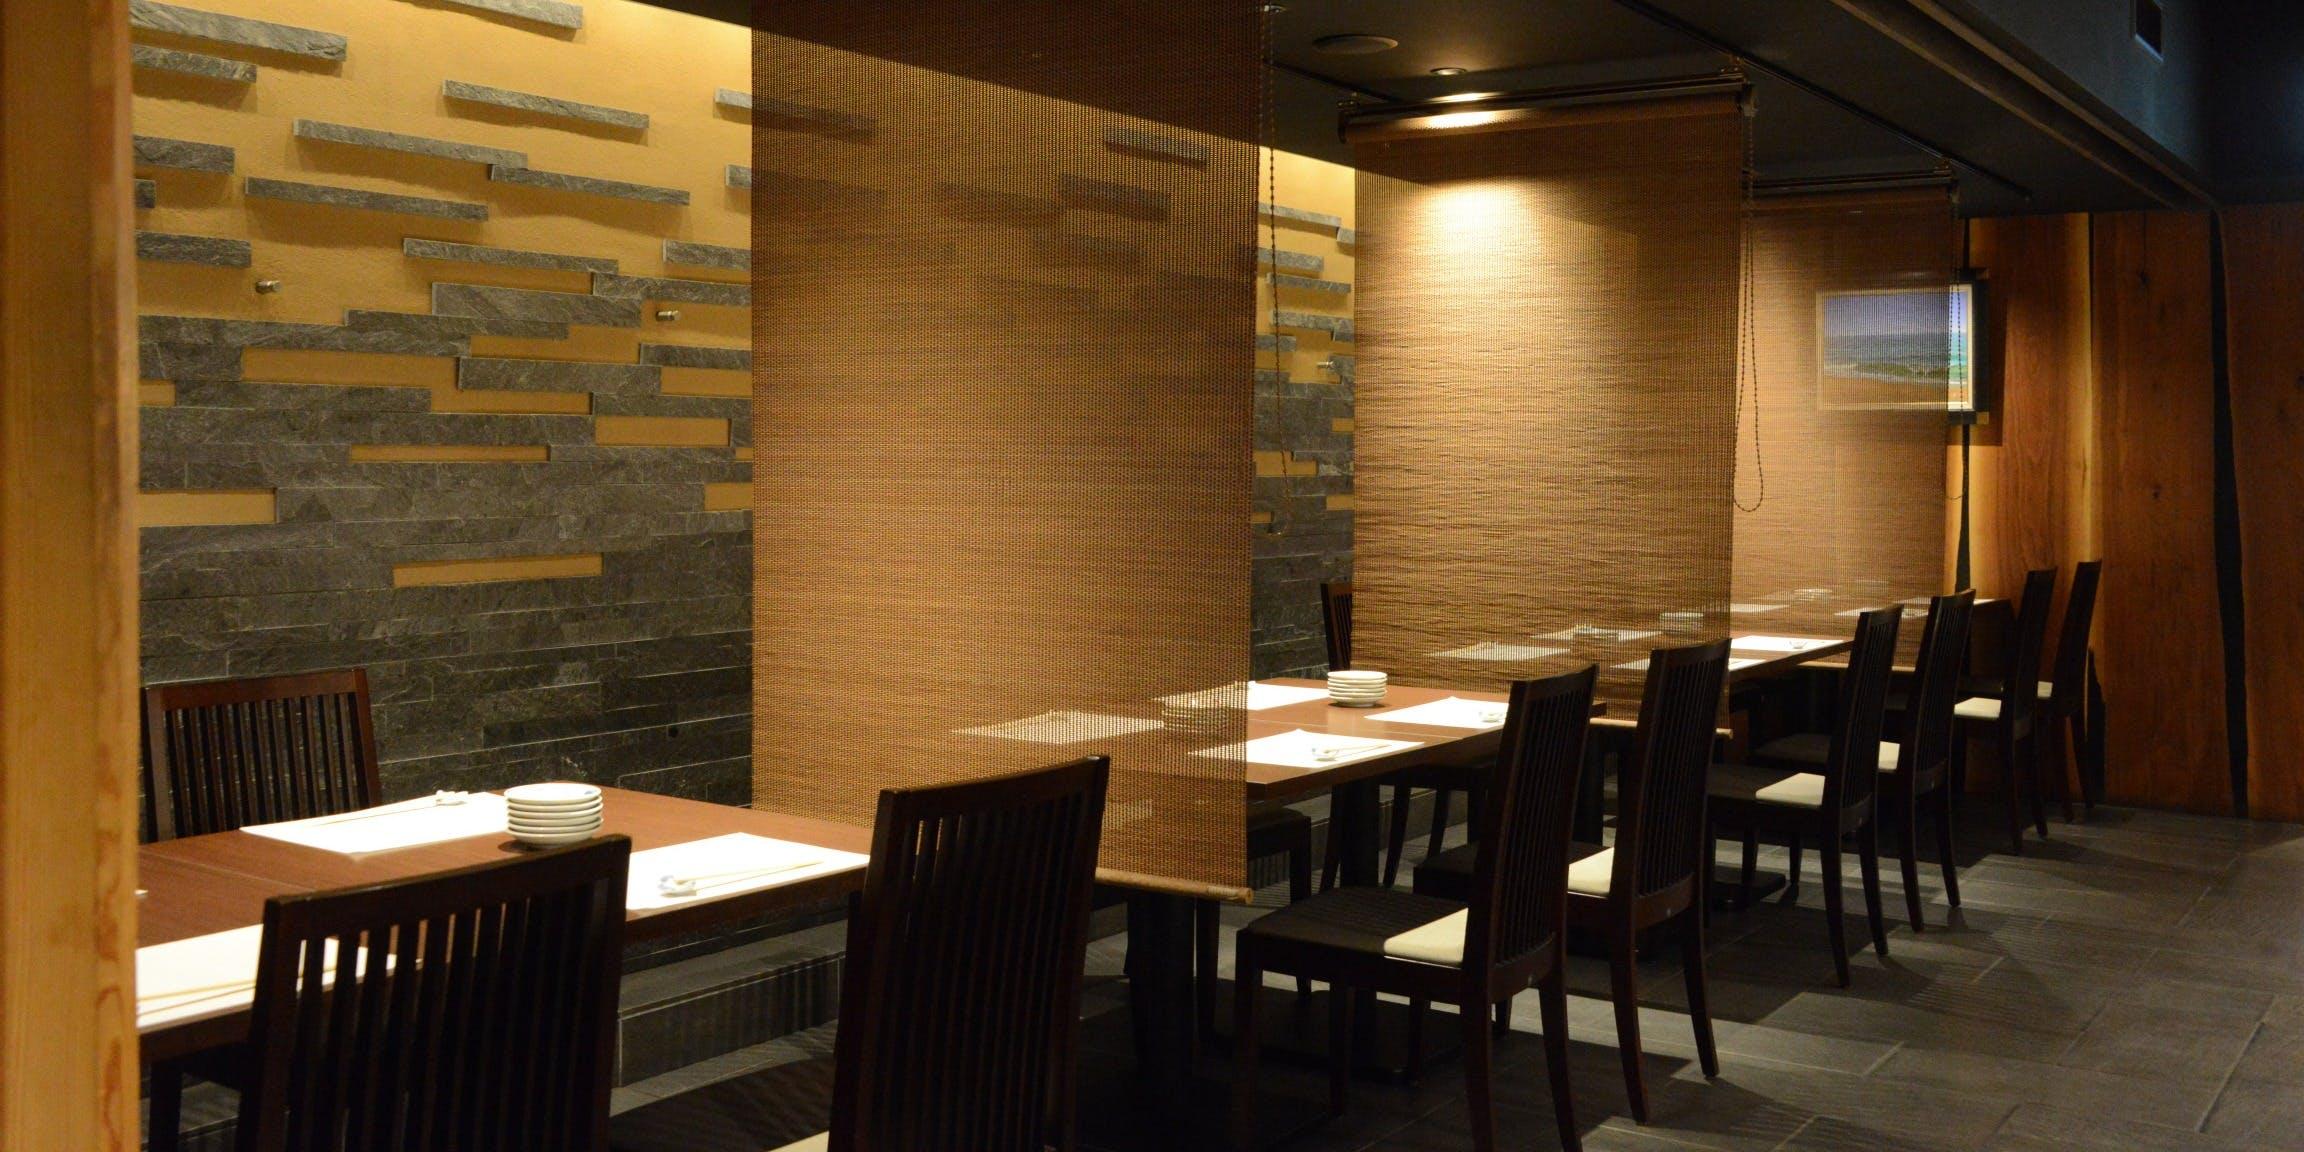 記念日におすすめのレストラン・ままや 福をまねく 旬活和食の写真2